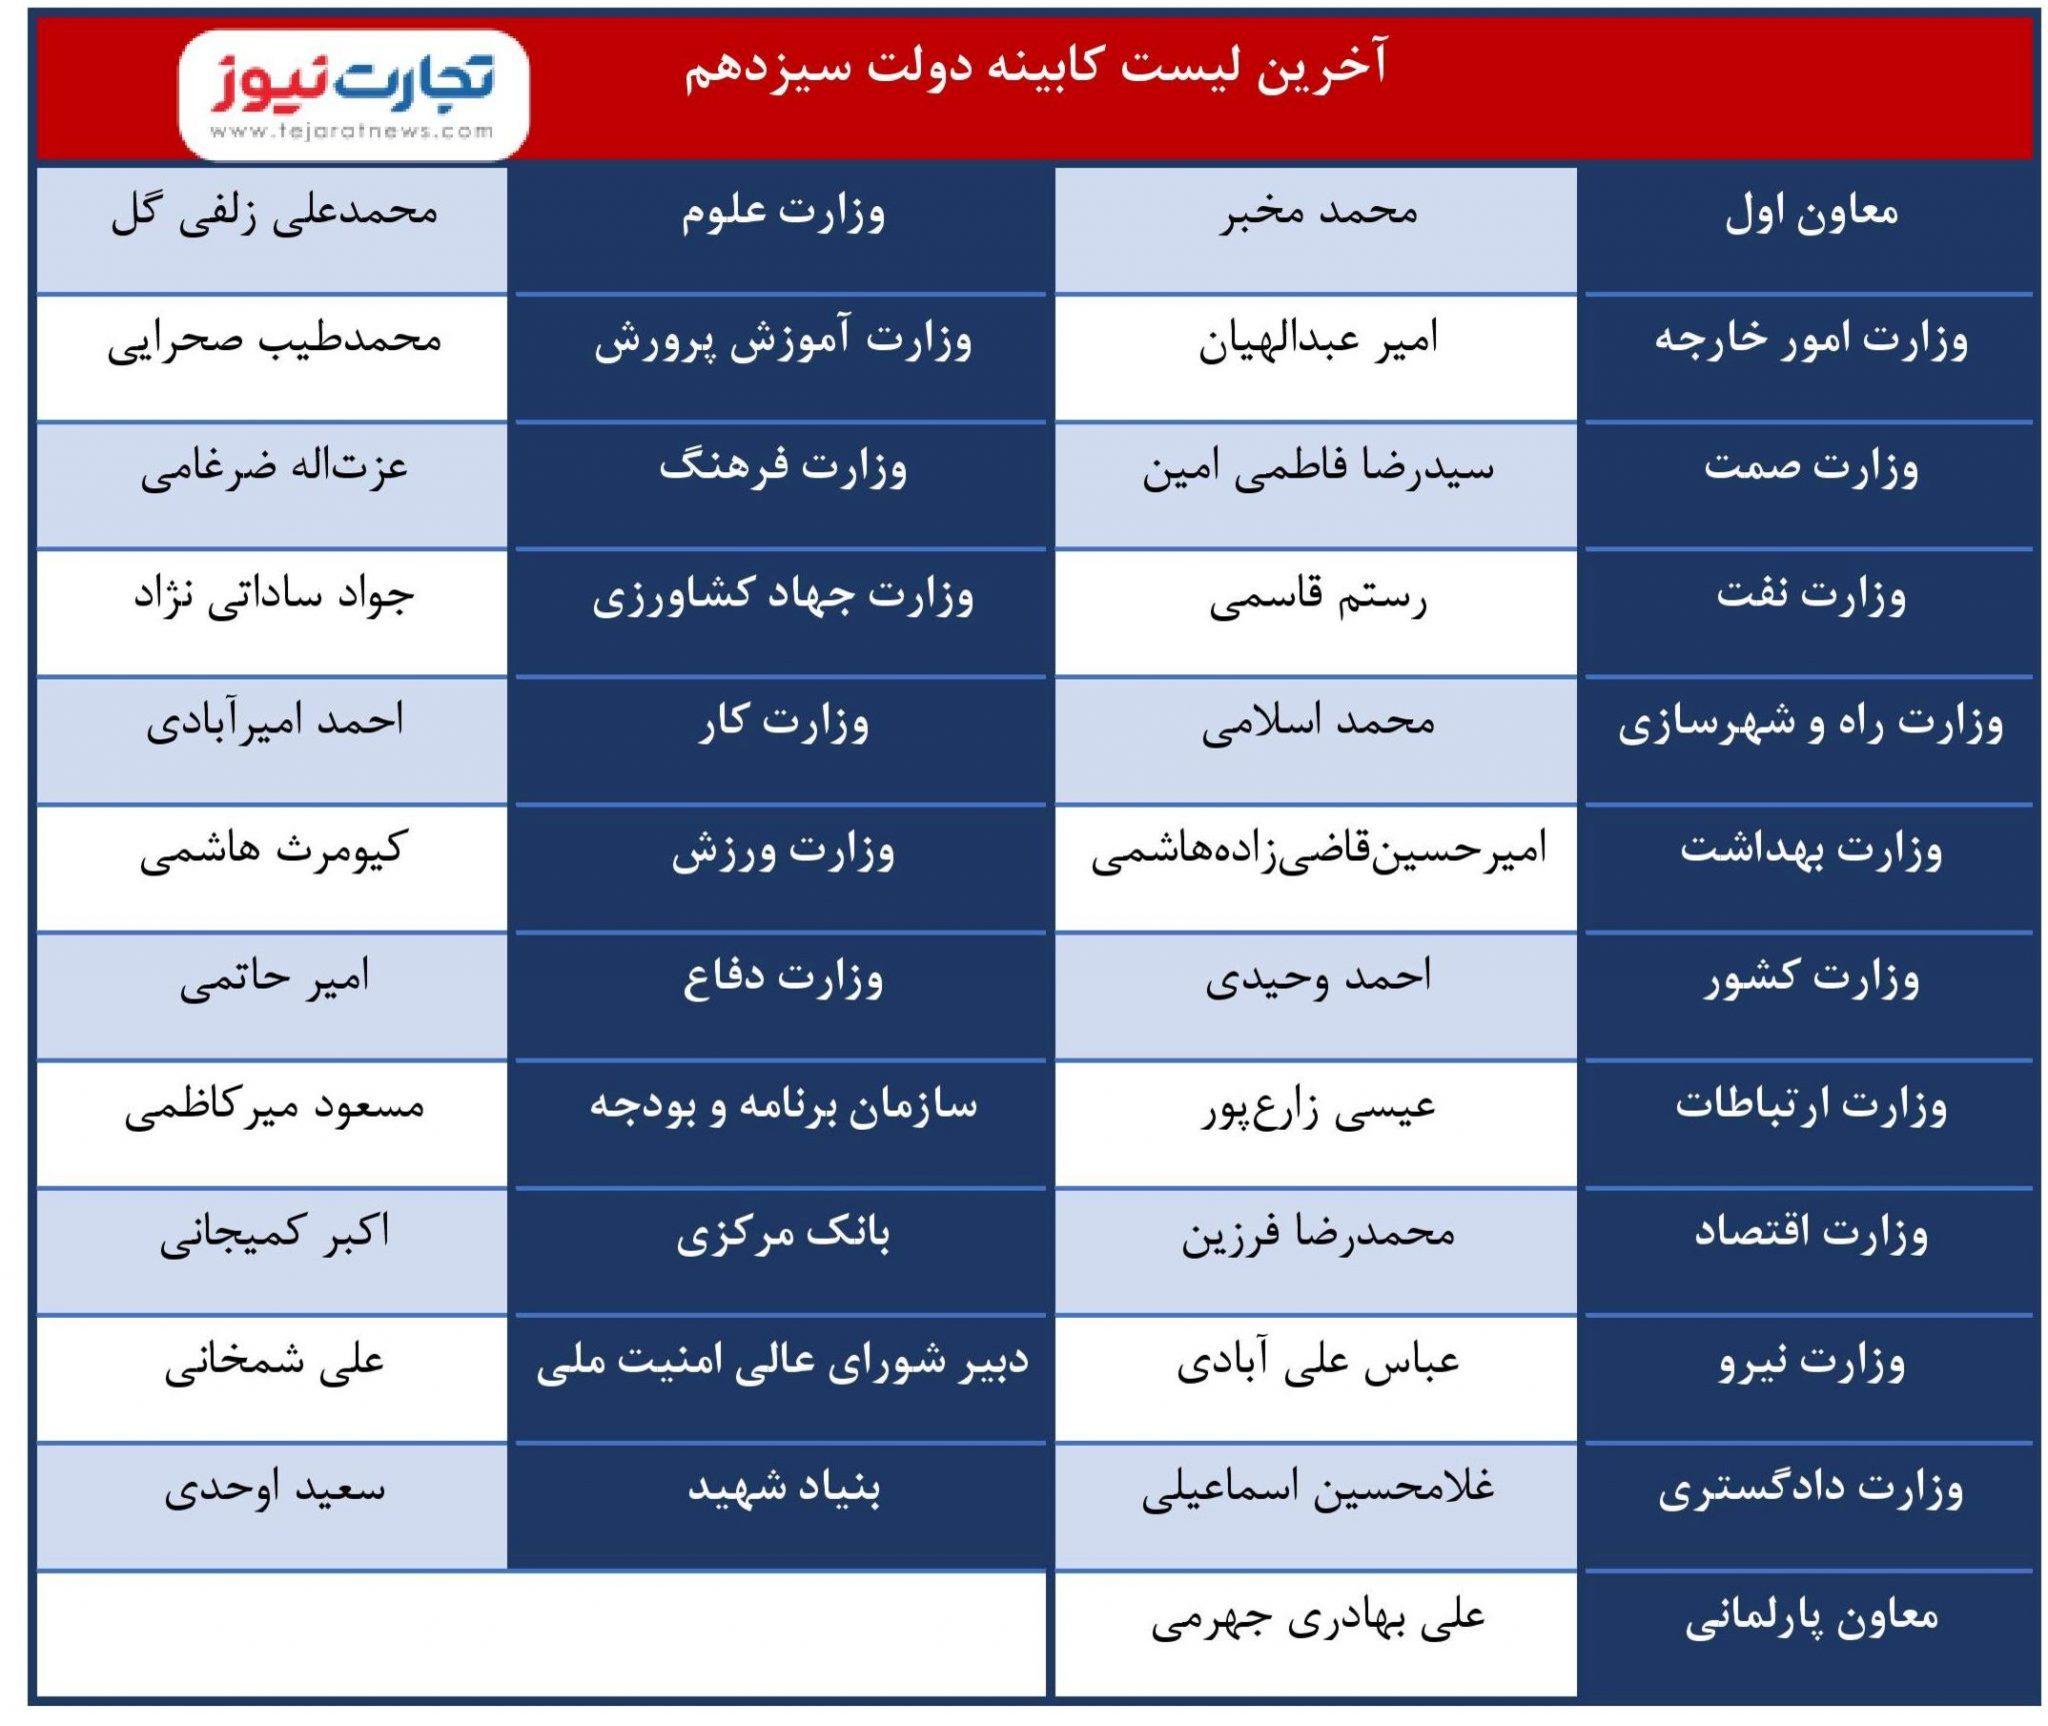 لیست کامل کابینه رئیسی مشخص شد